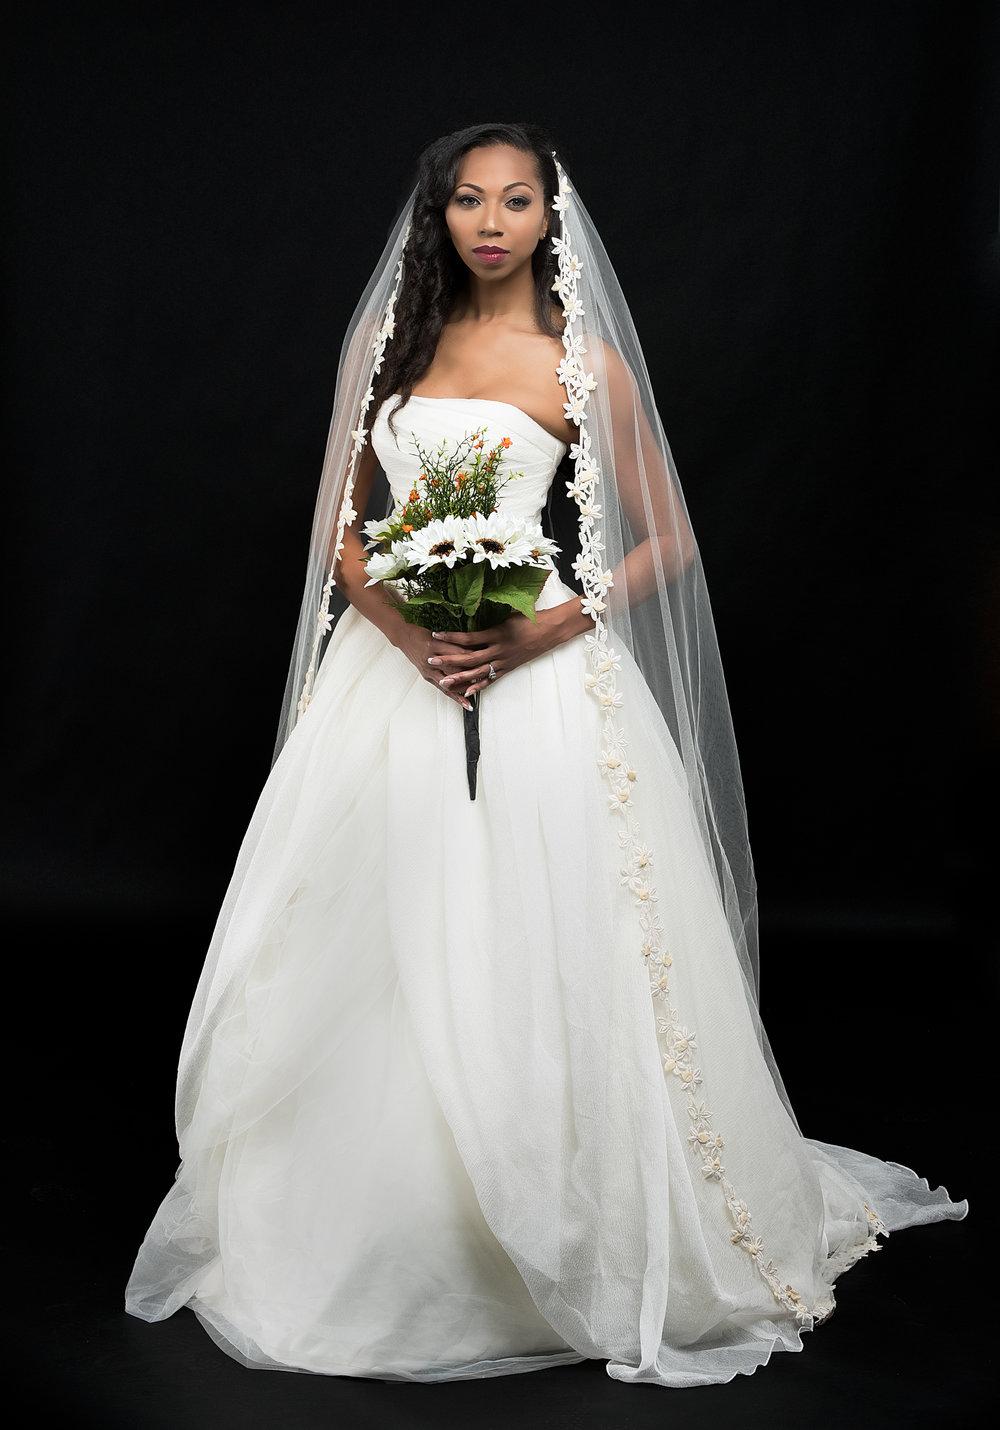 Lyschel Hicks Bridal Portrait session 5/6/16